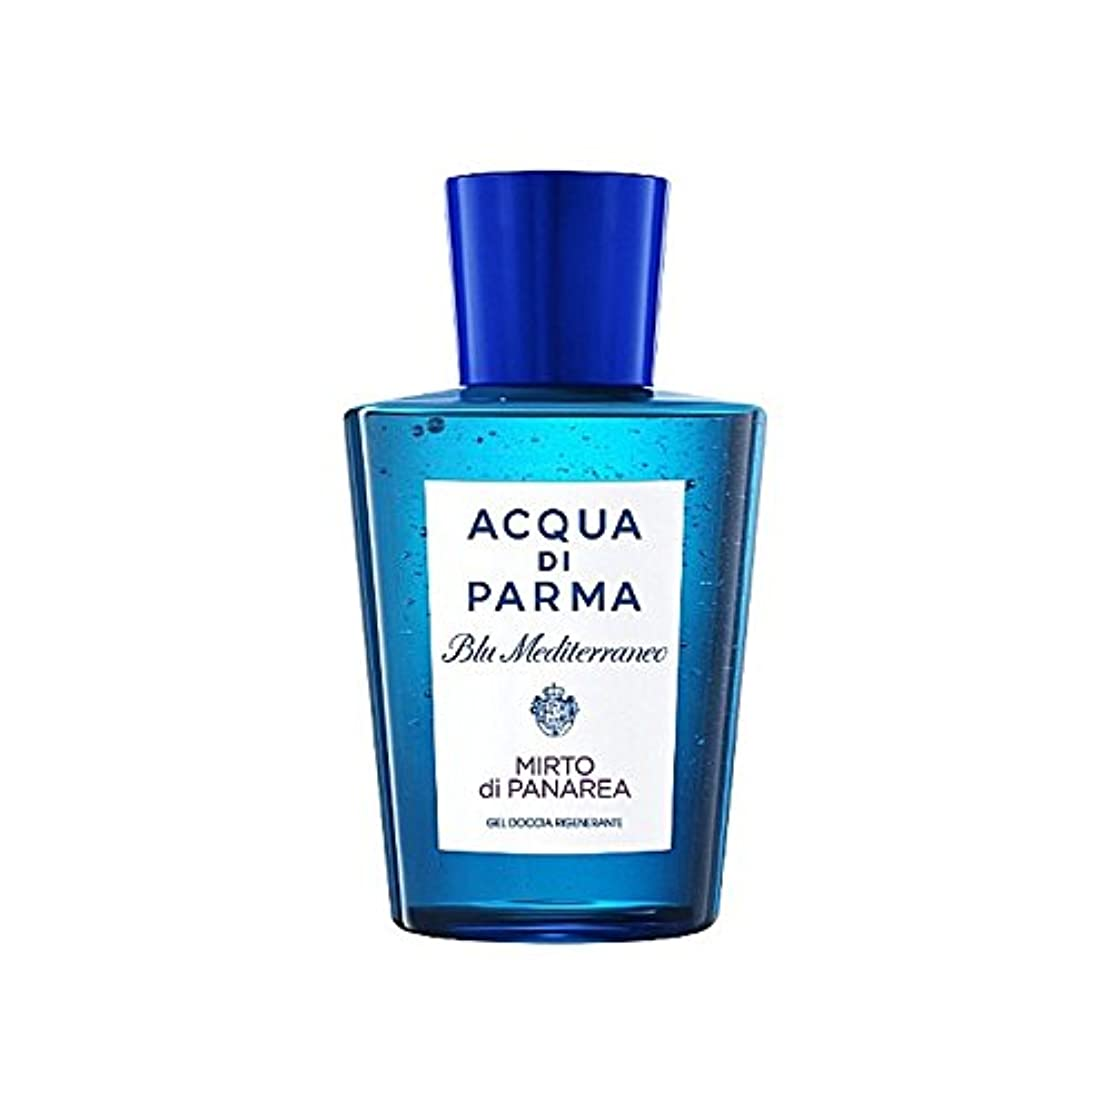 ソフィー方言米ドルAcqua Di Parma Blu Mediterraneo Mirto Di Panarea Shower Gel 200ml - アクアディパルマブルーメディミルトディパナレアシャワージェル200 [並行輸入品]